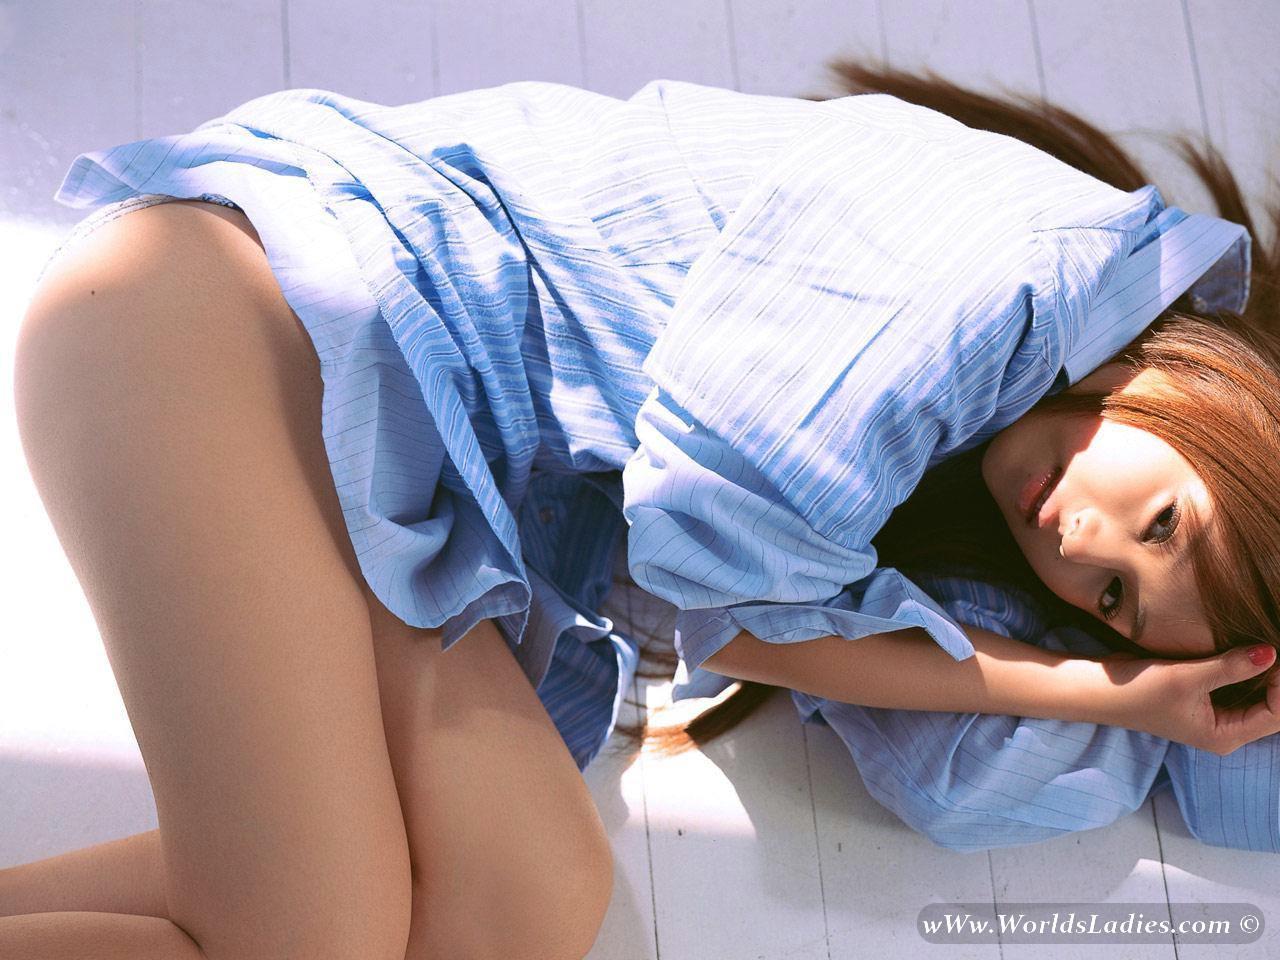 Jun Natsukawa Photo Gallery